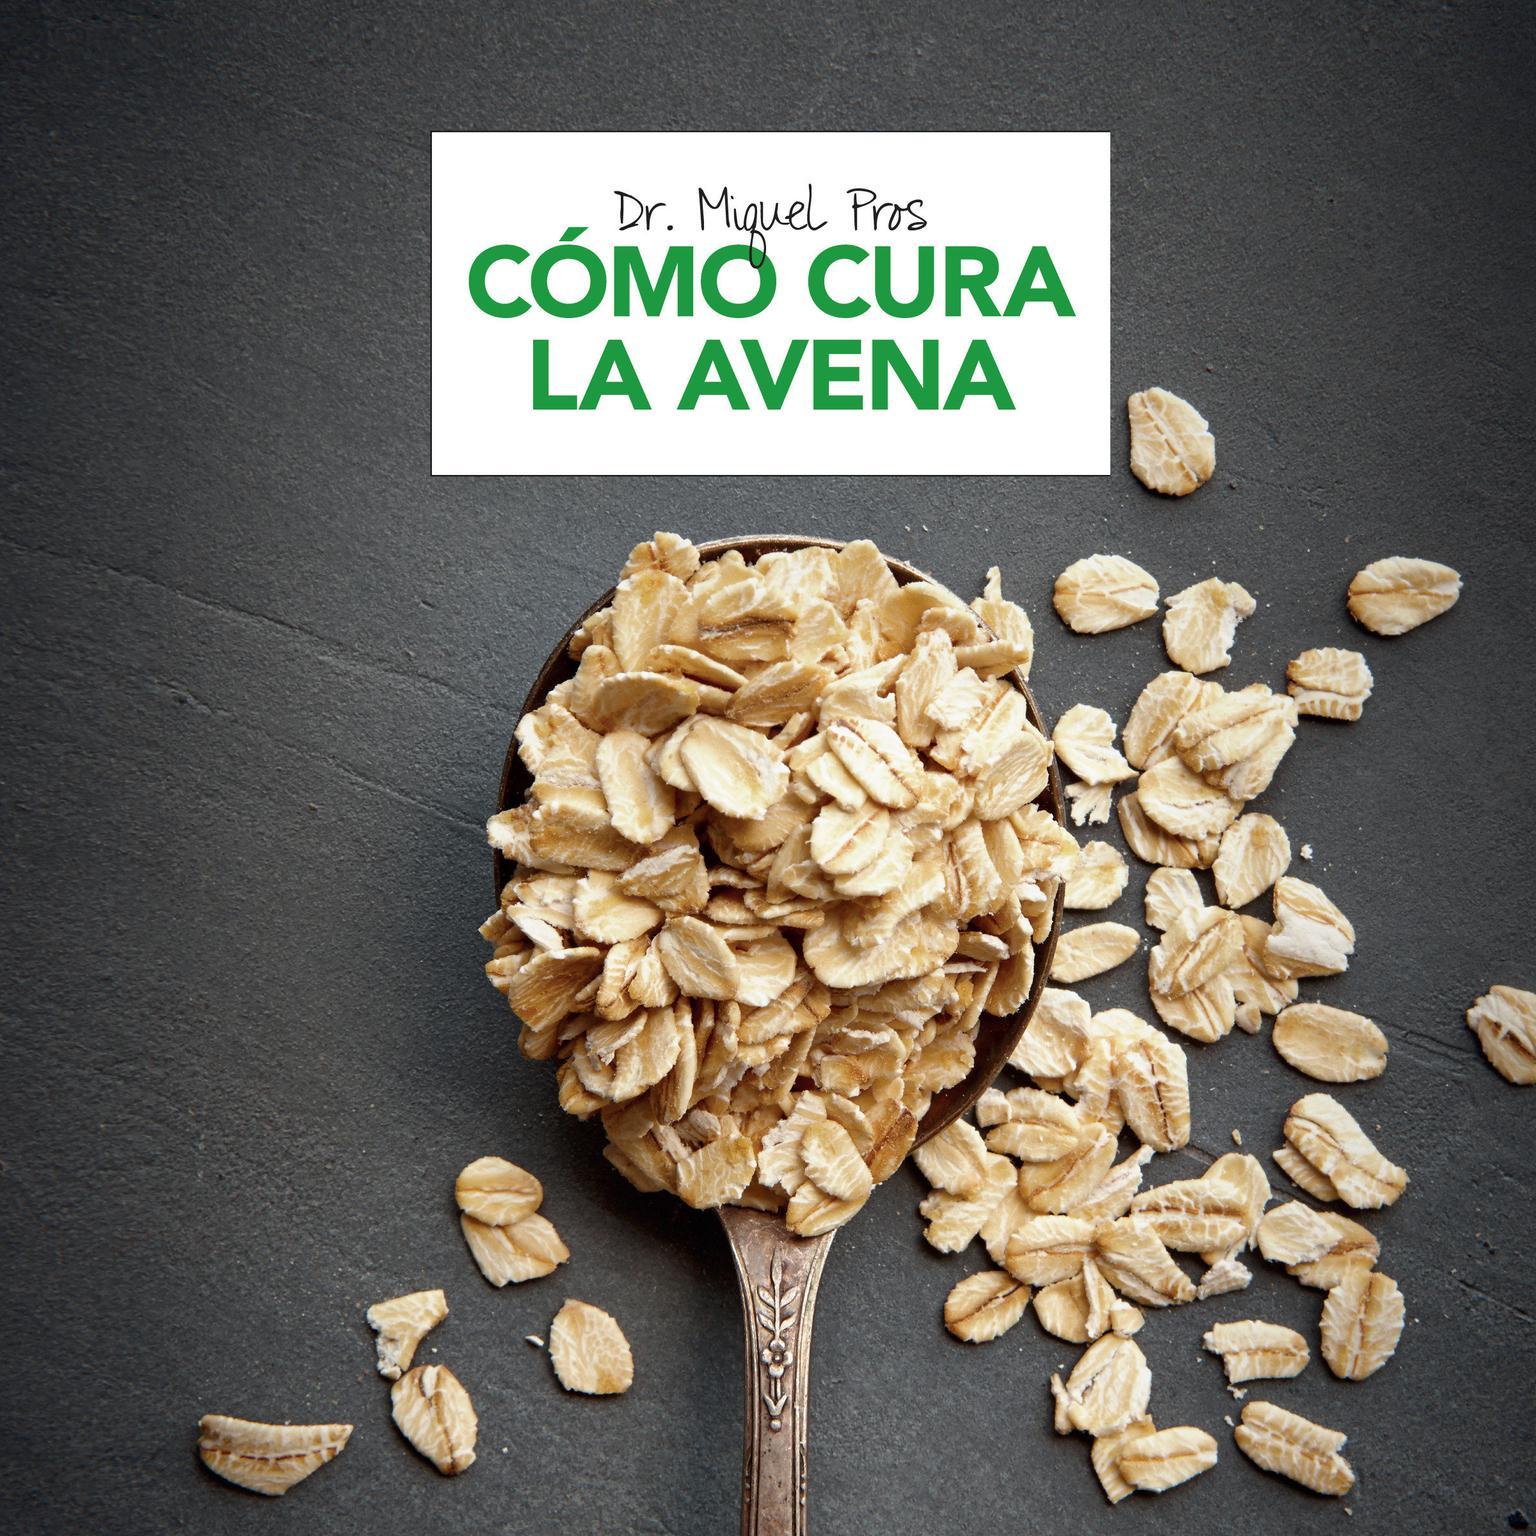 Cómo cura la avena Audiobook, by Miquel Pros